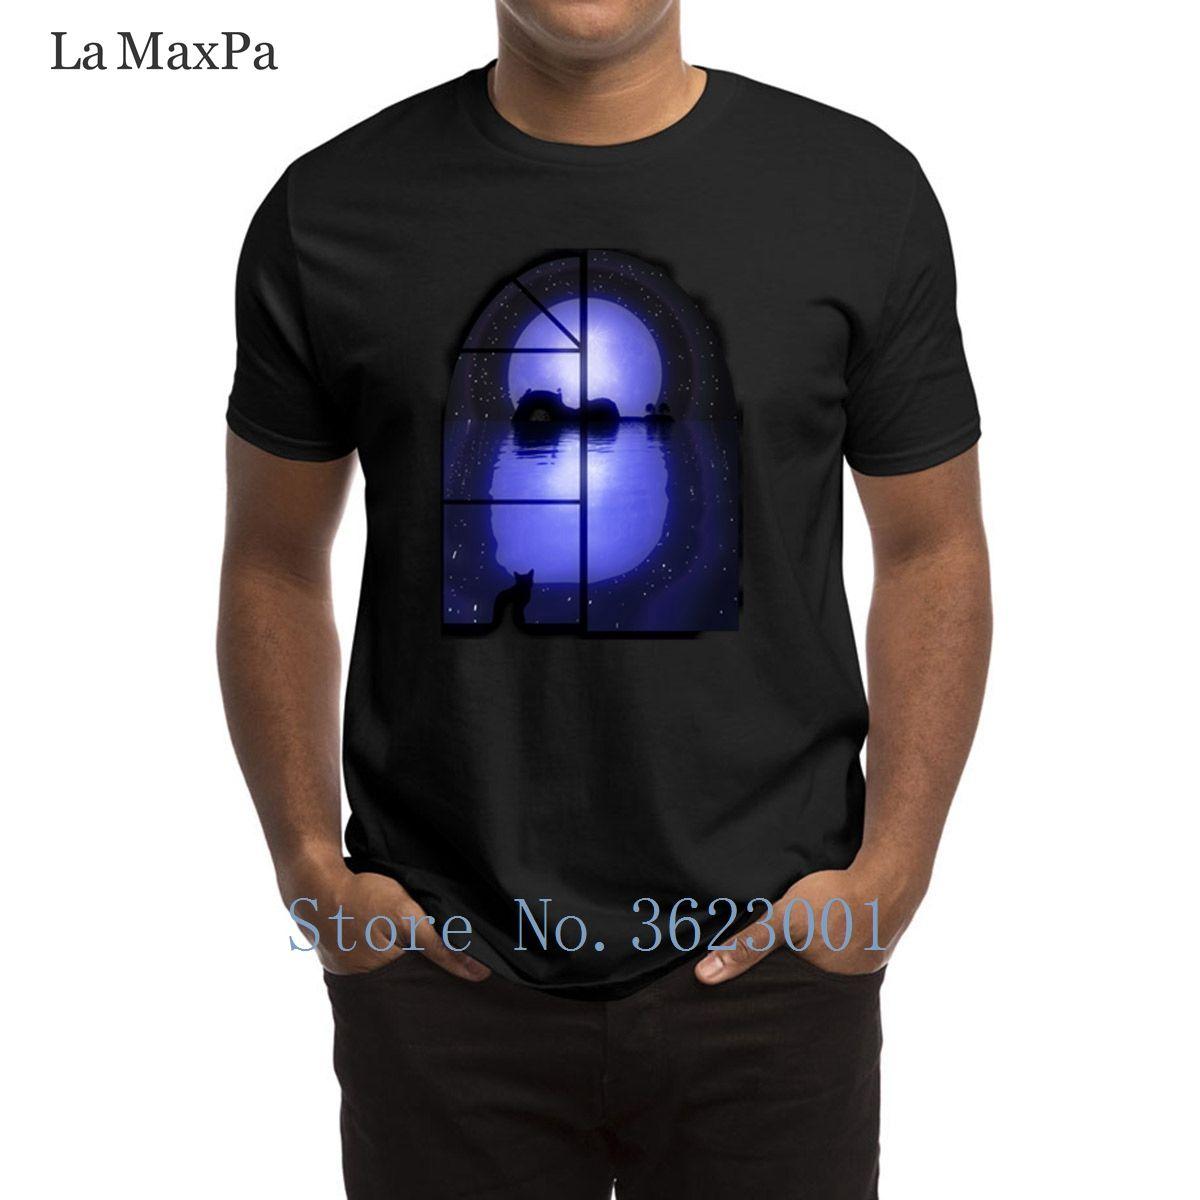 Stampa A Little Night Music T Shirt Famiglia T-shirt per Uomo Abbigliamento Strano Tee Shirt Moda manica corta maglietta superiore